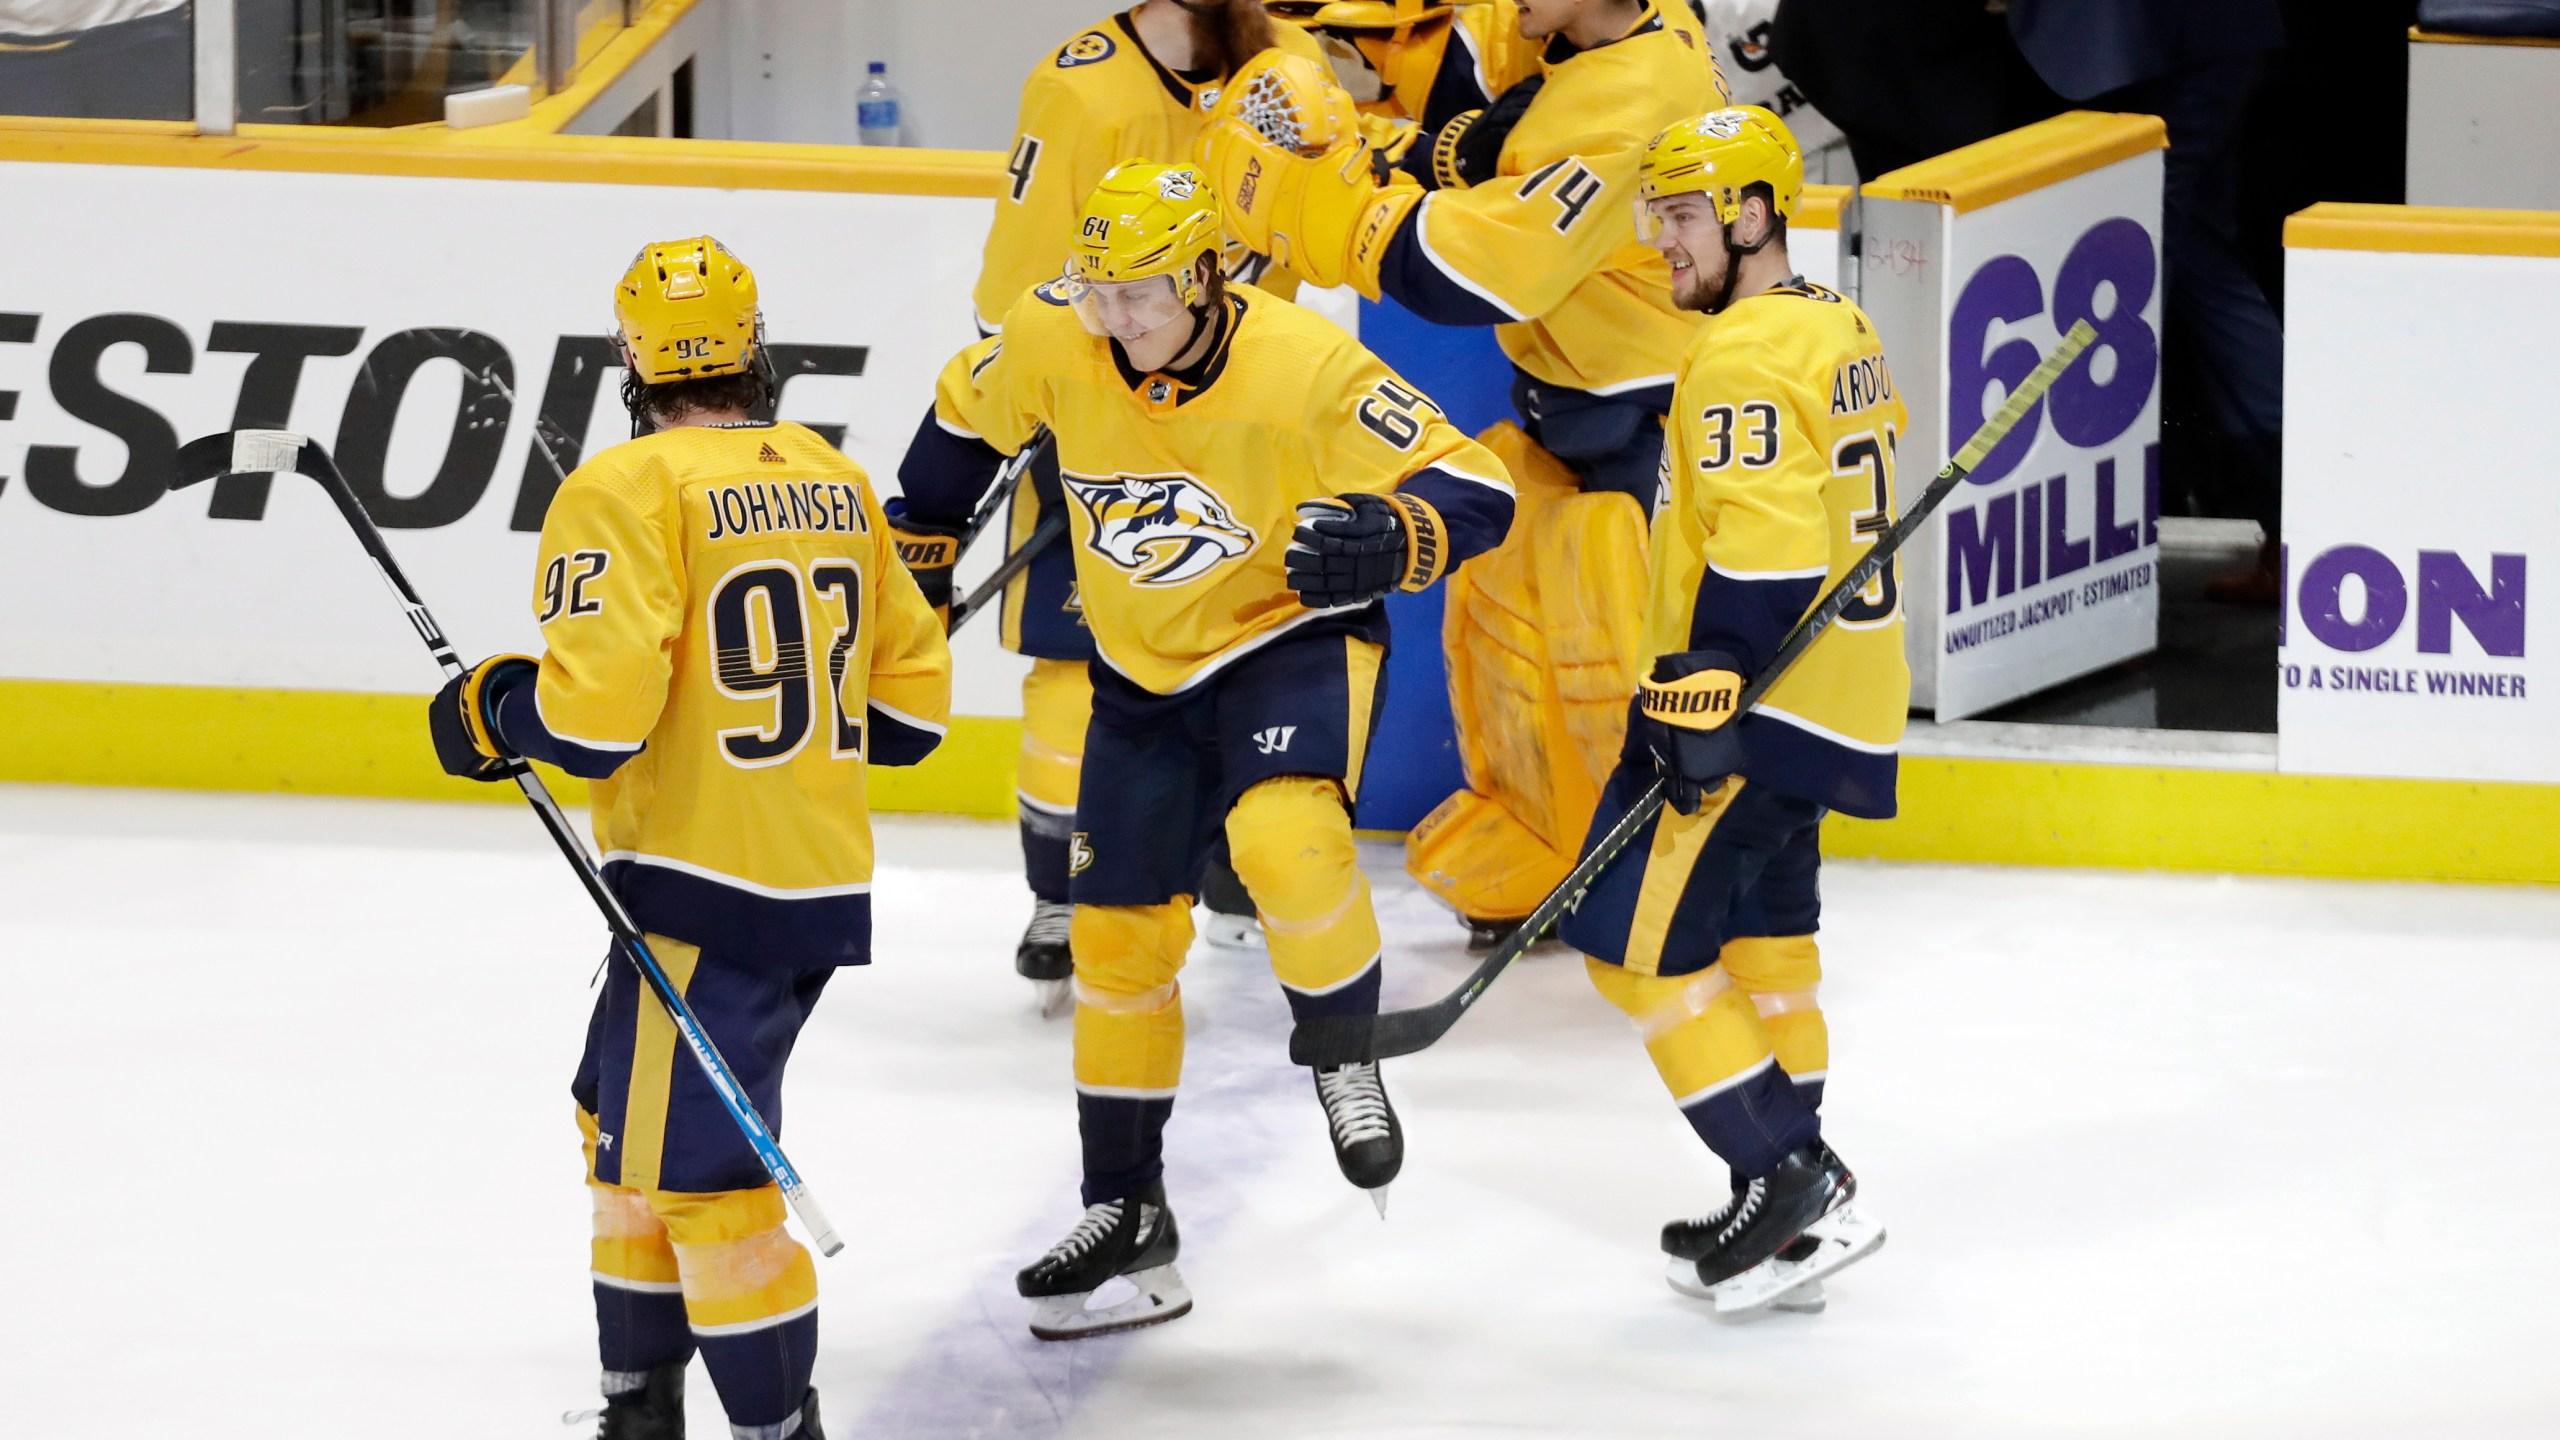 NHL releases Predators' 1st round playoff schedule